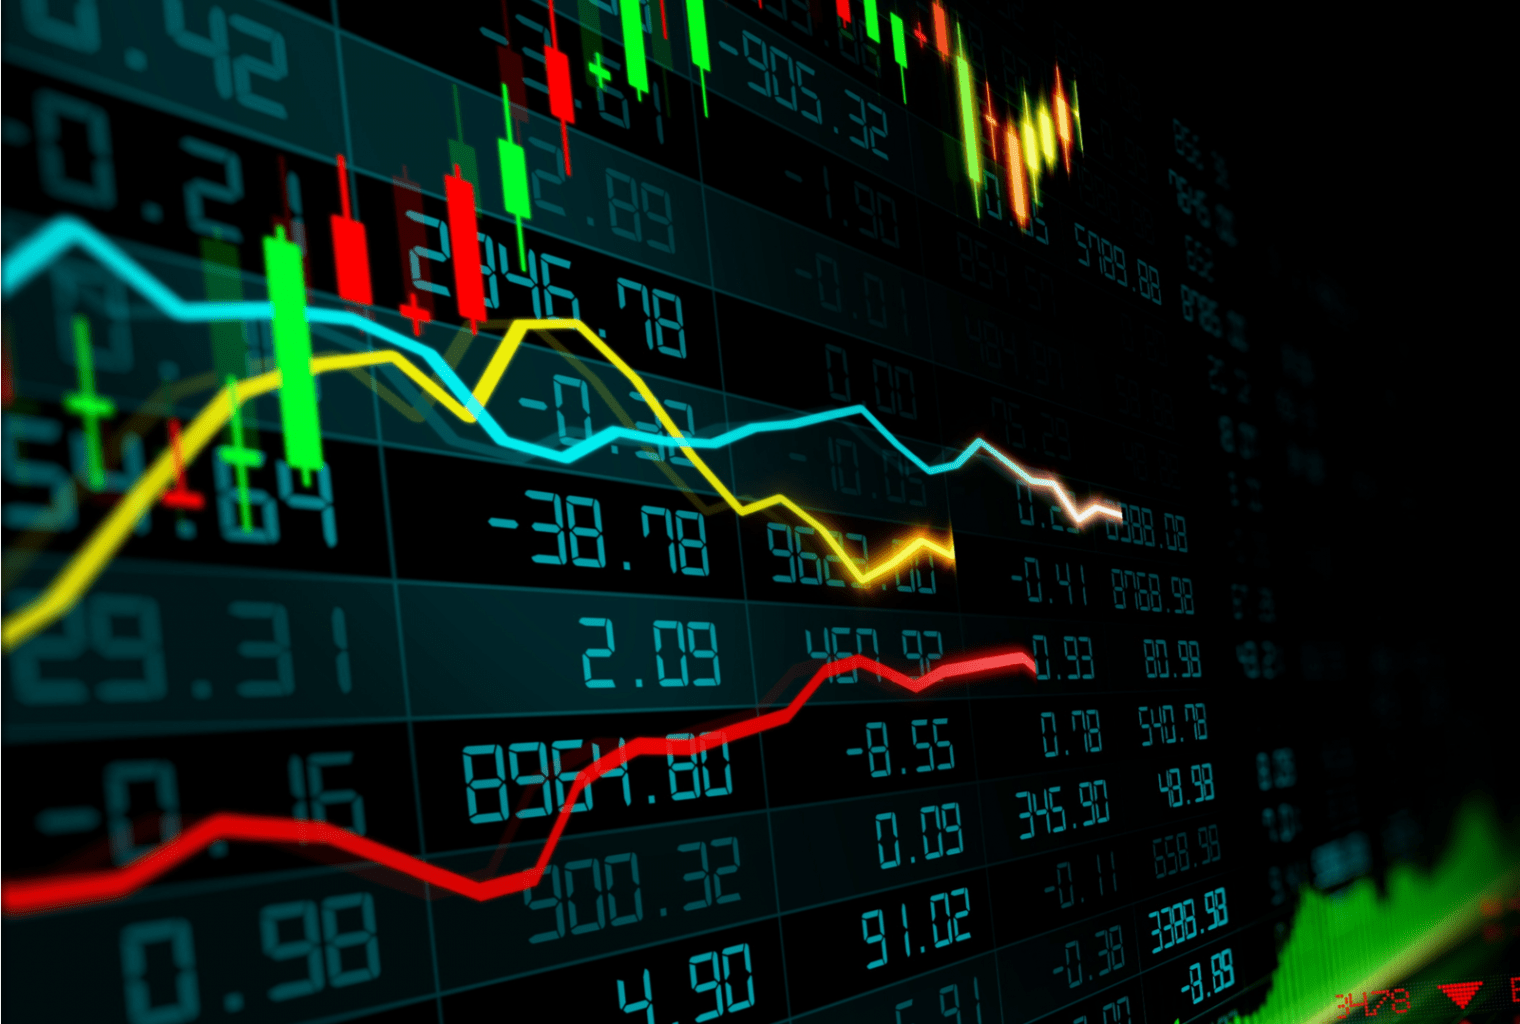 Bu 21 Altcoin Yatırımcılarının Dikkatine: İşte Bu Hafta Olacaklar!